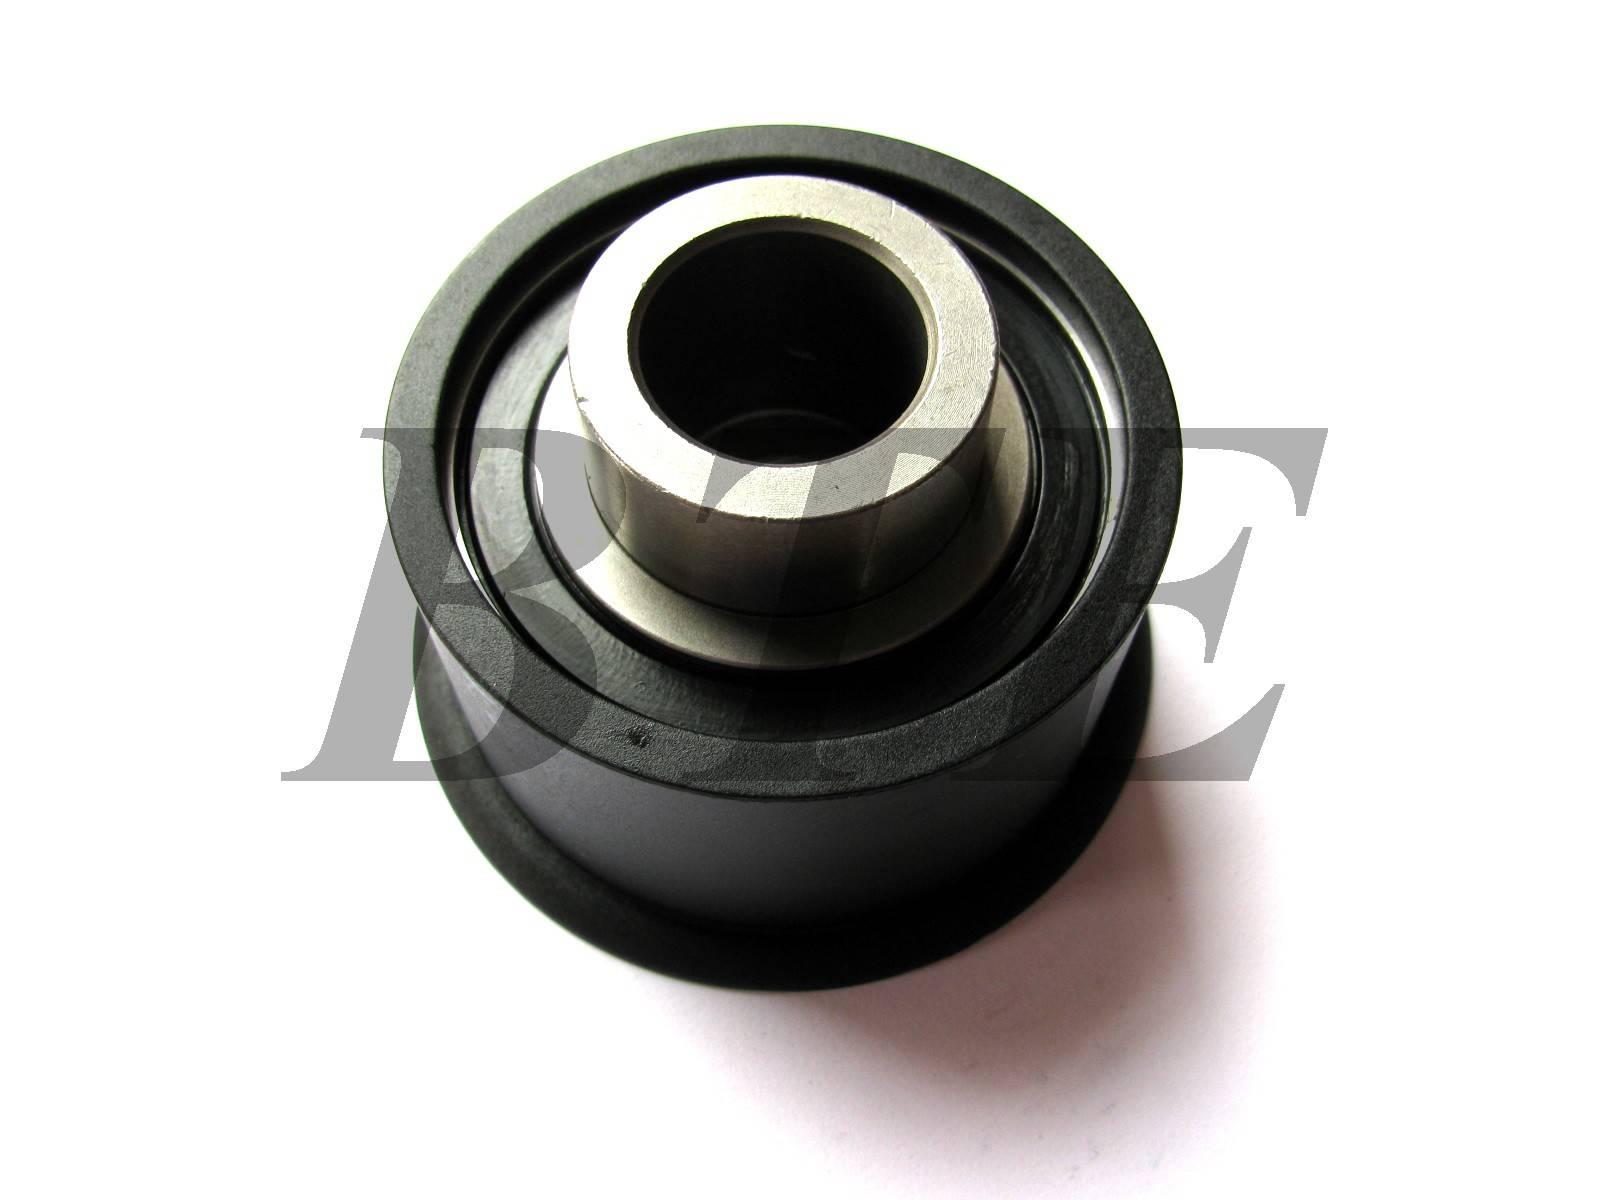 belt tensioner idler pulley for MAZDA FORD KL0112740 3396016